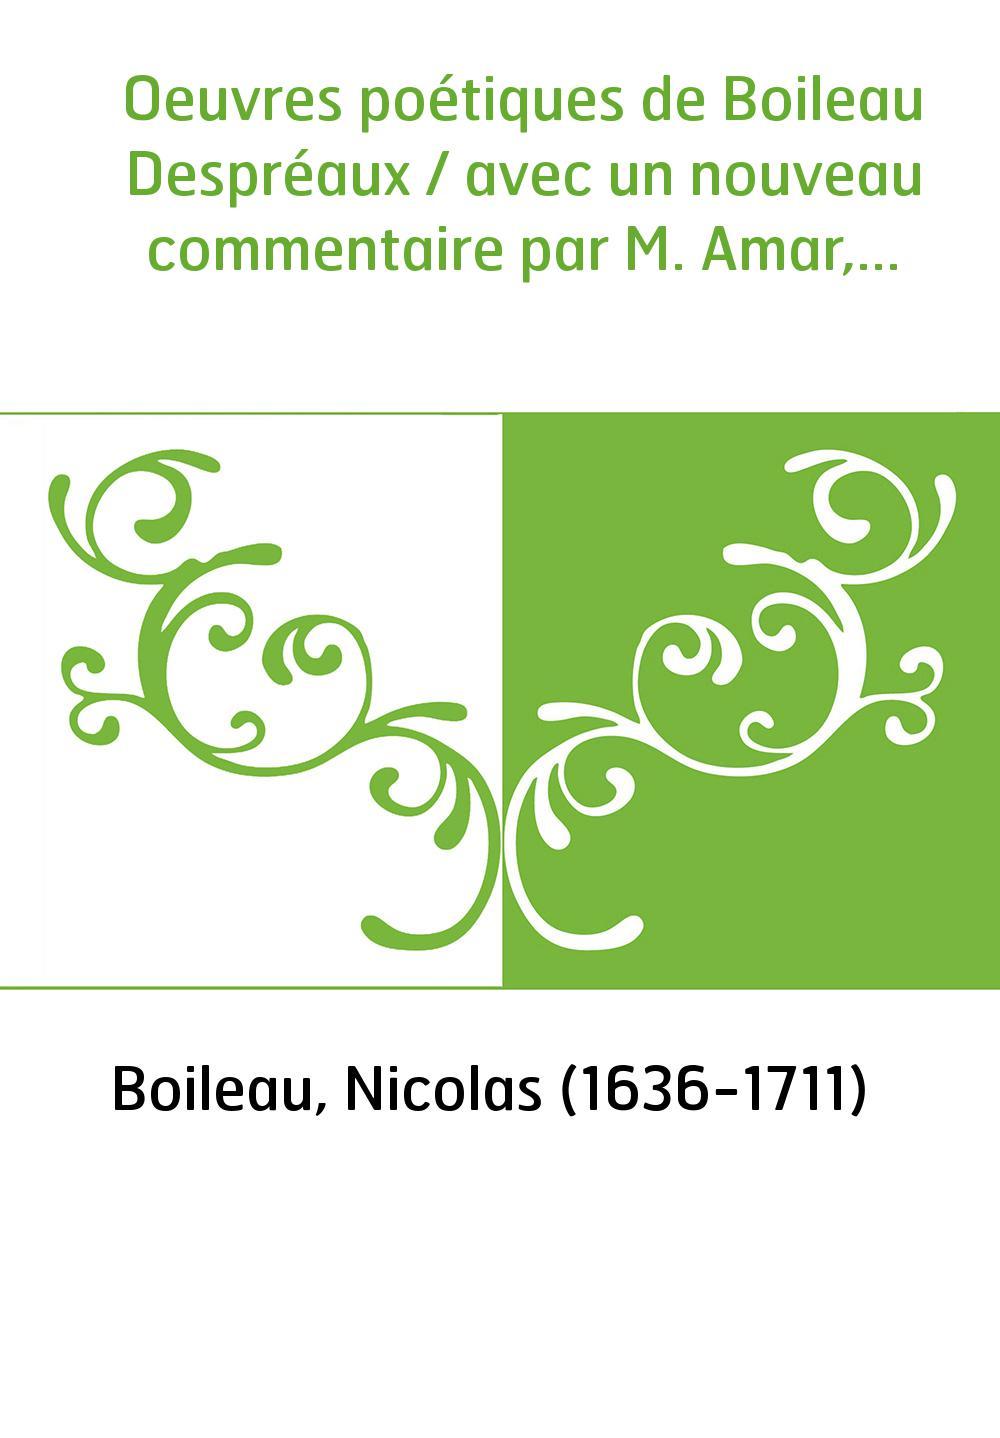 Oeuvres poétiques de Boileau Despréaux / avec un nouveau commentaire par M. Amar,...